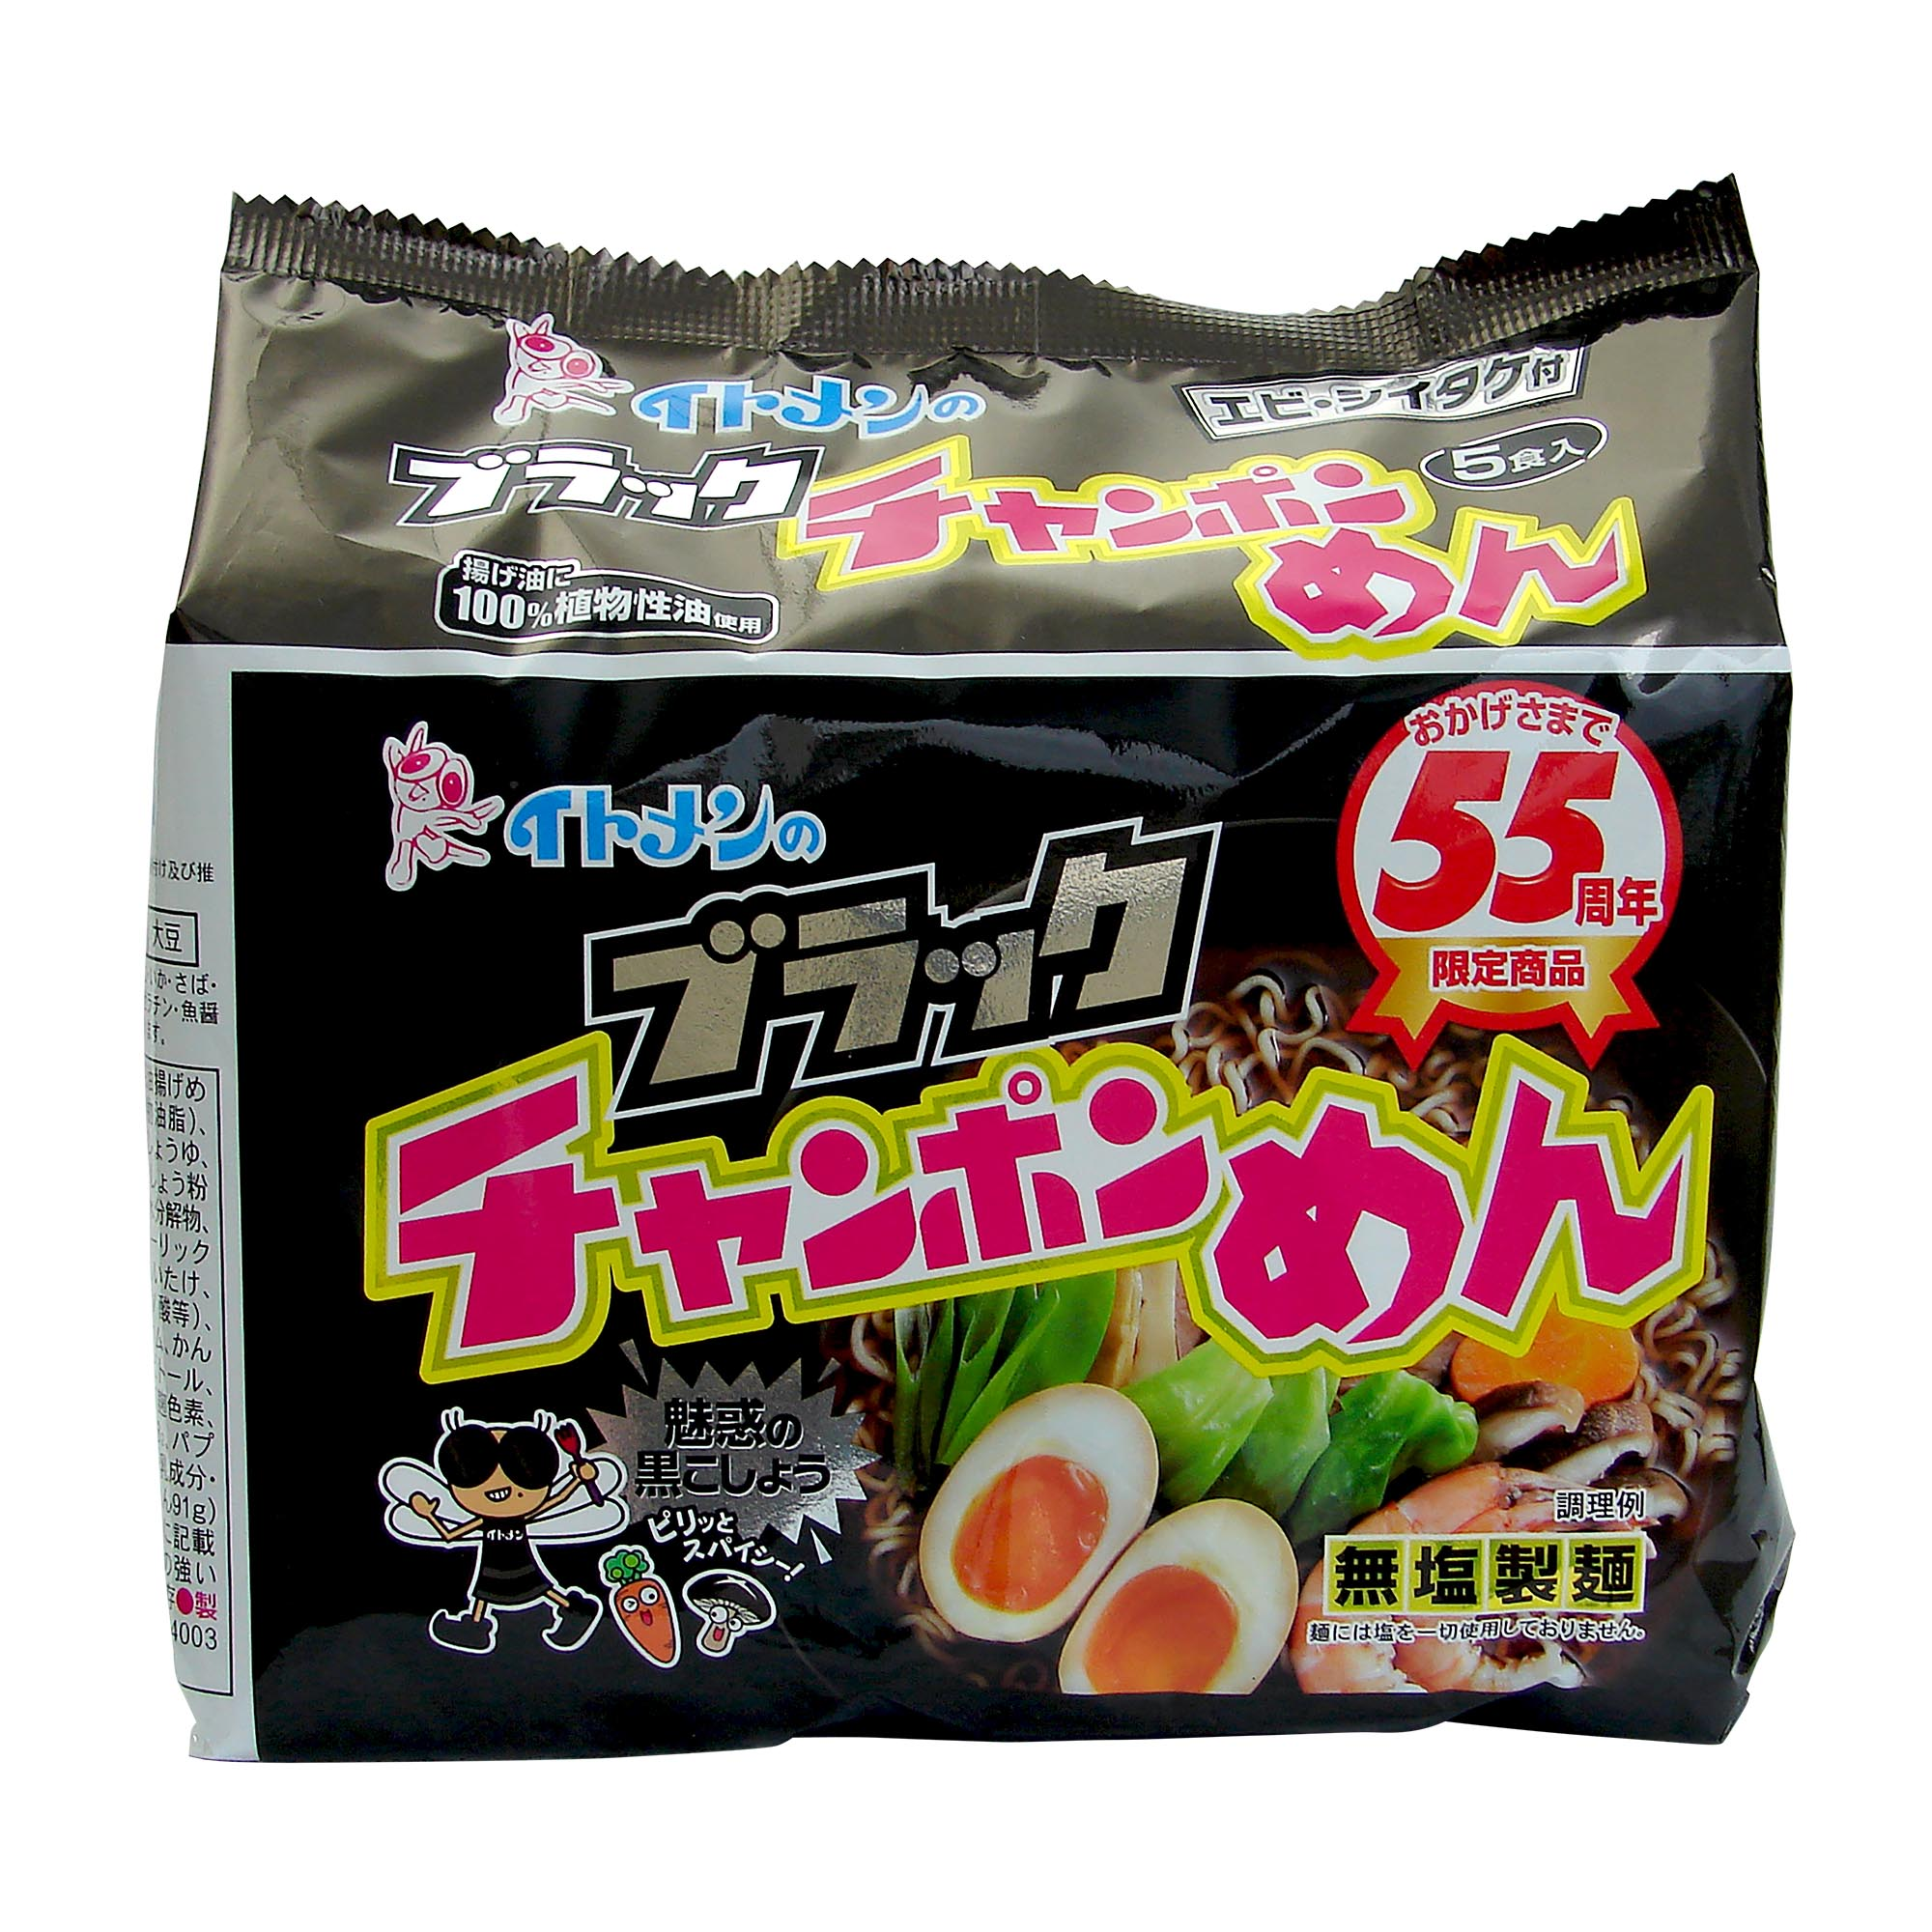 [th-13] ブラックチャンポンめん5食パック